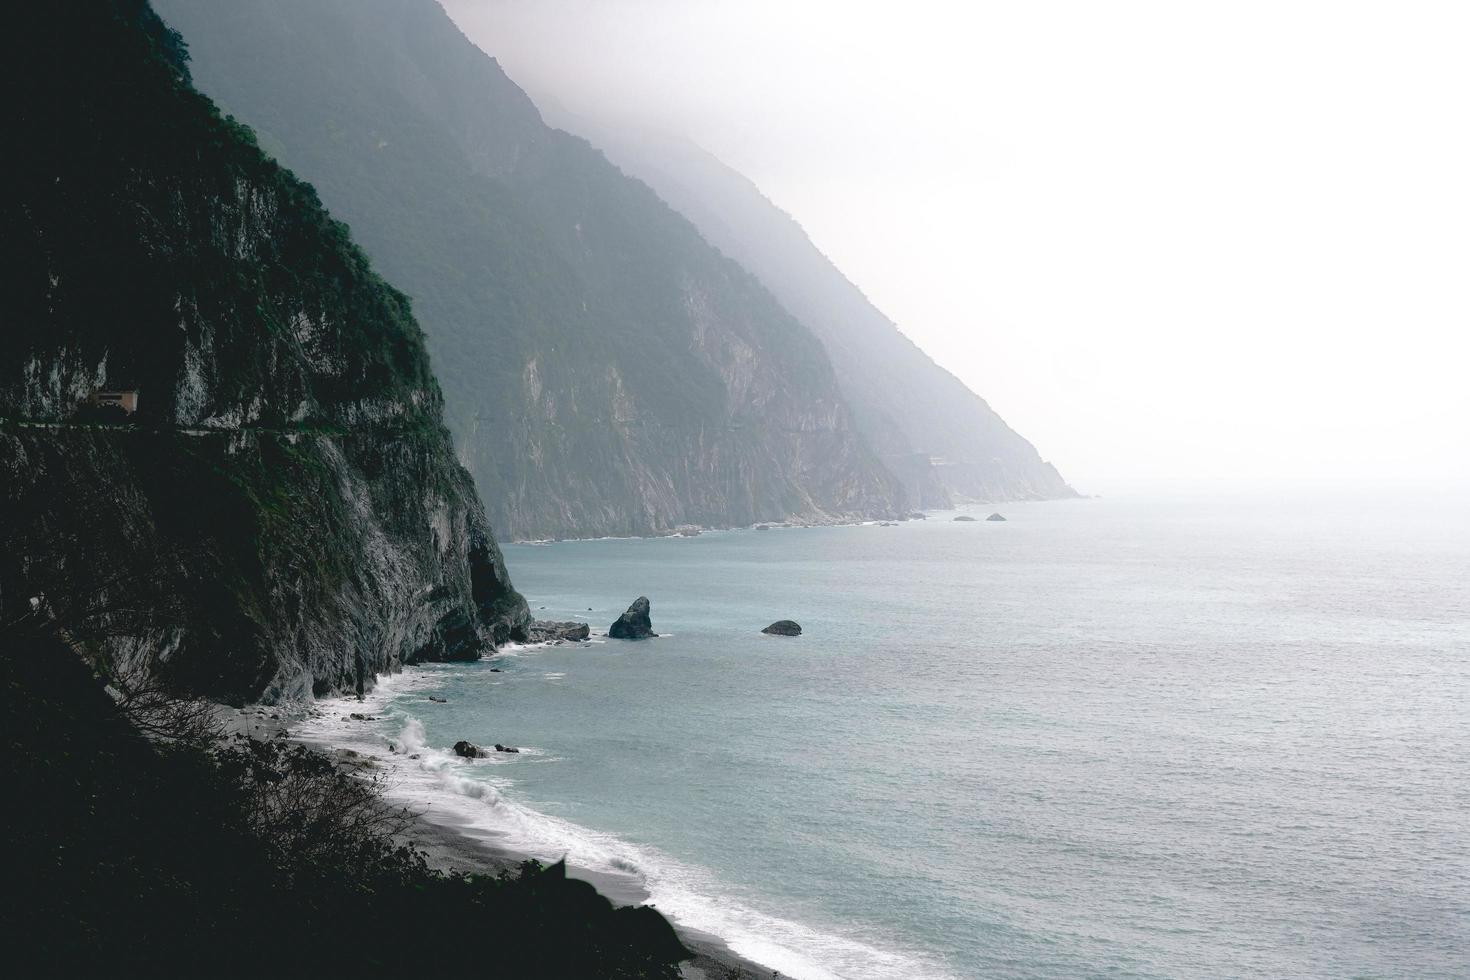 bord de mer près des montagnes photo